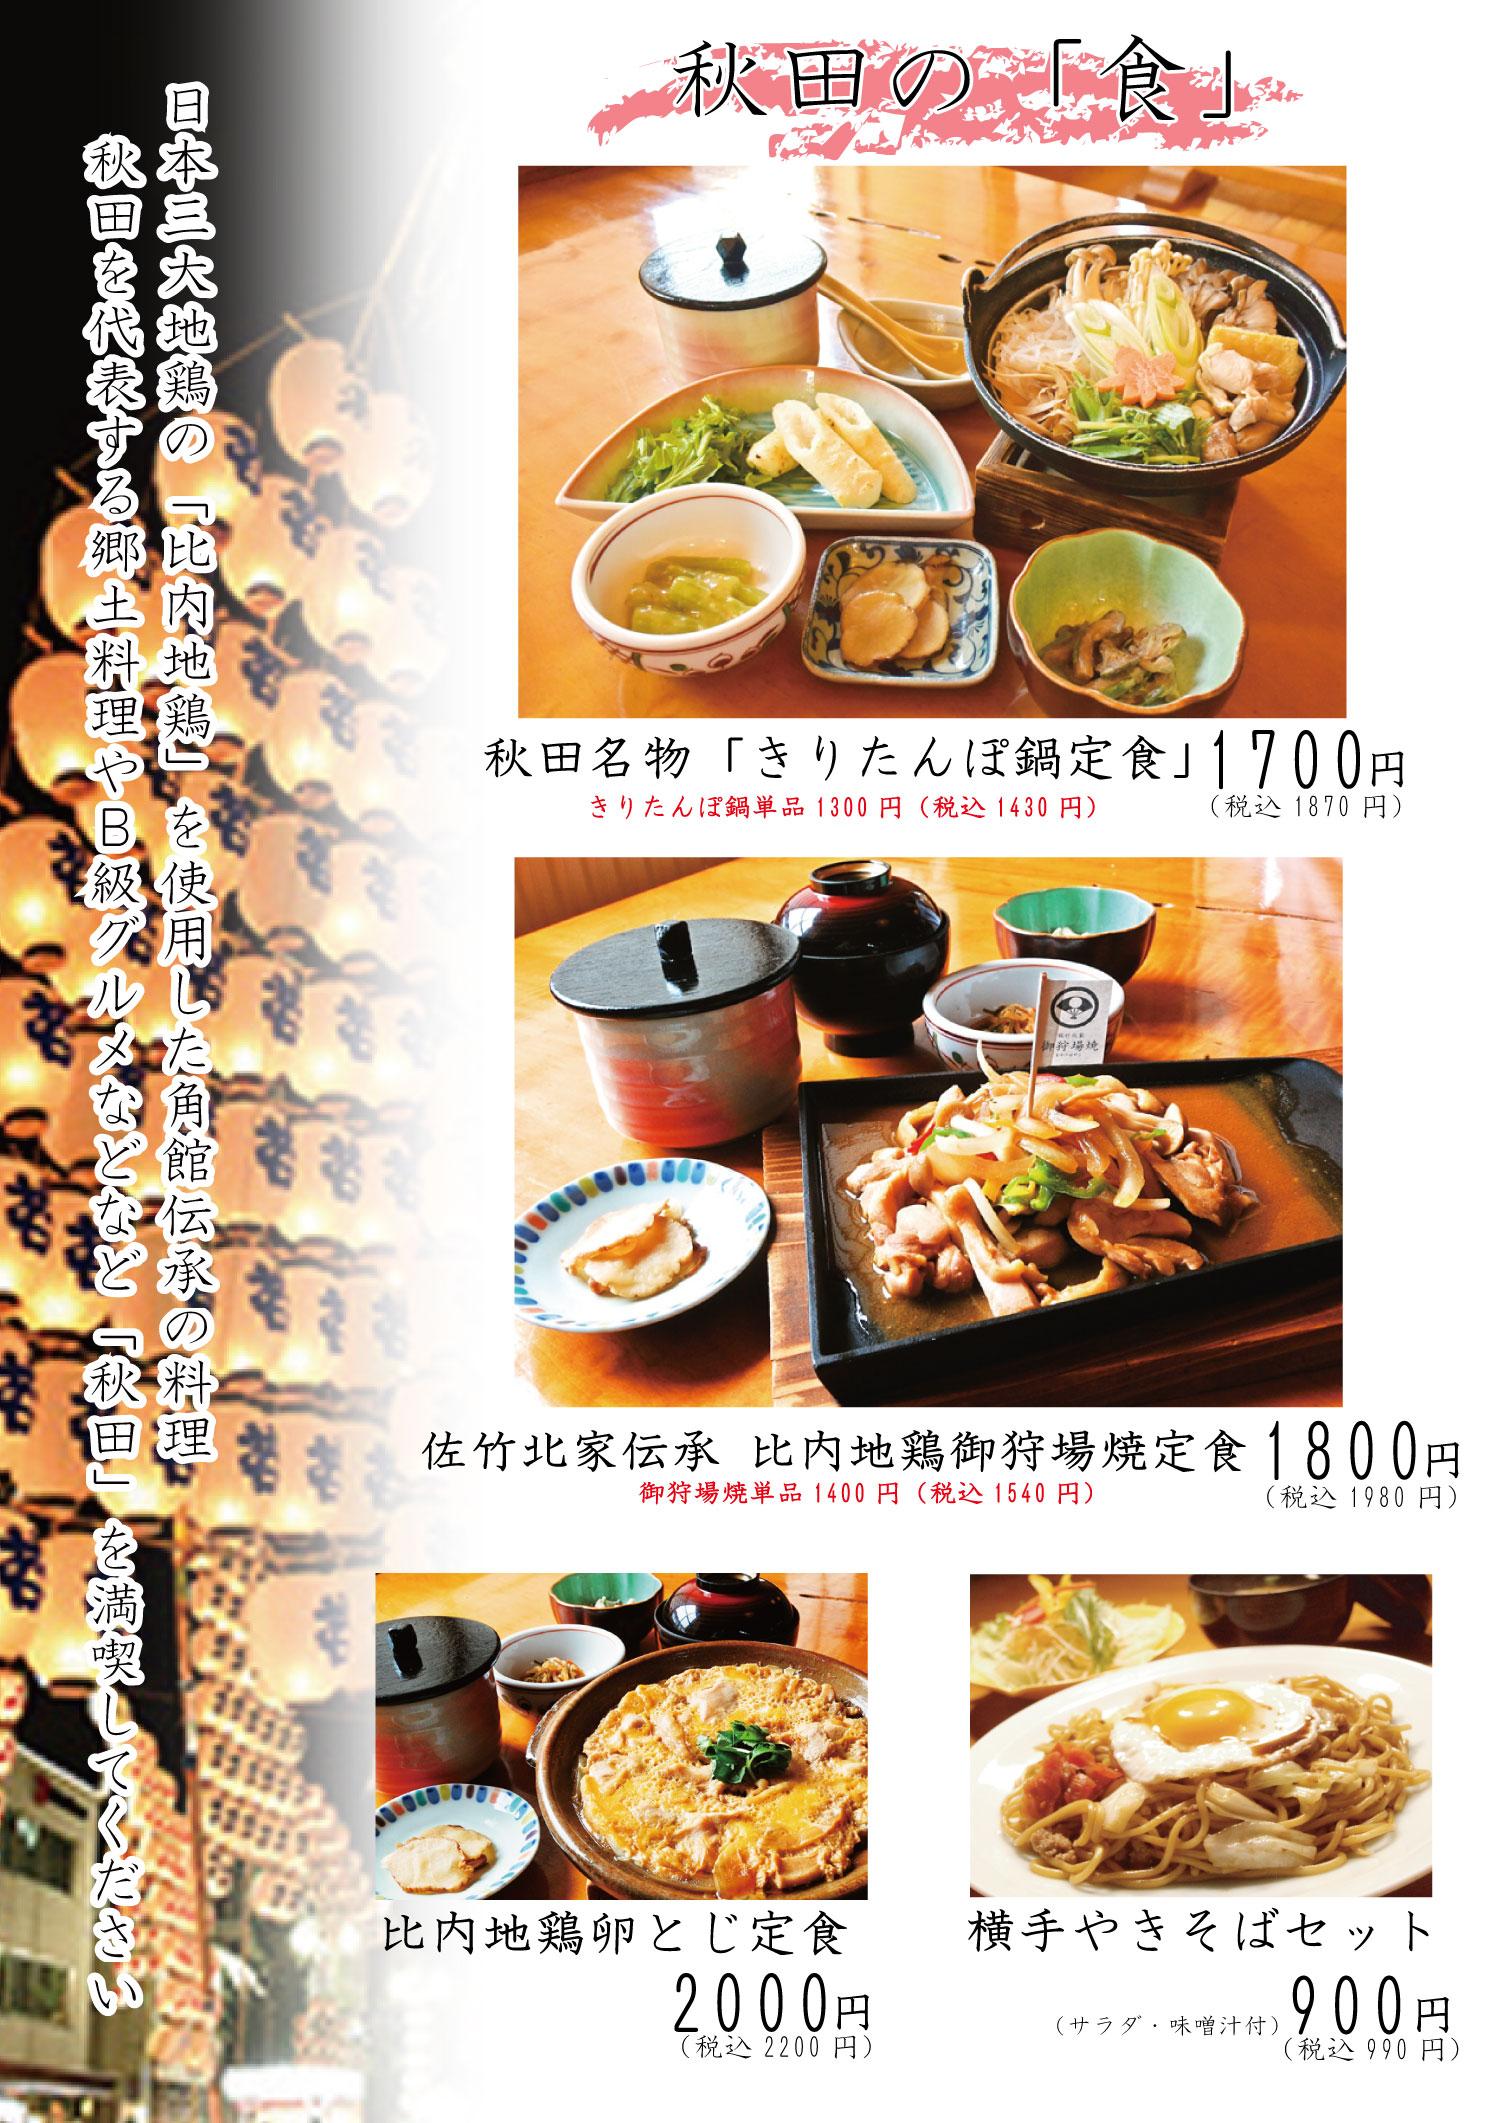 ばっきゃメニュー秋田の食